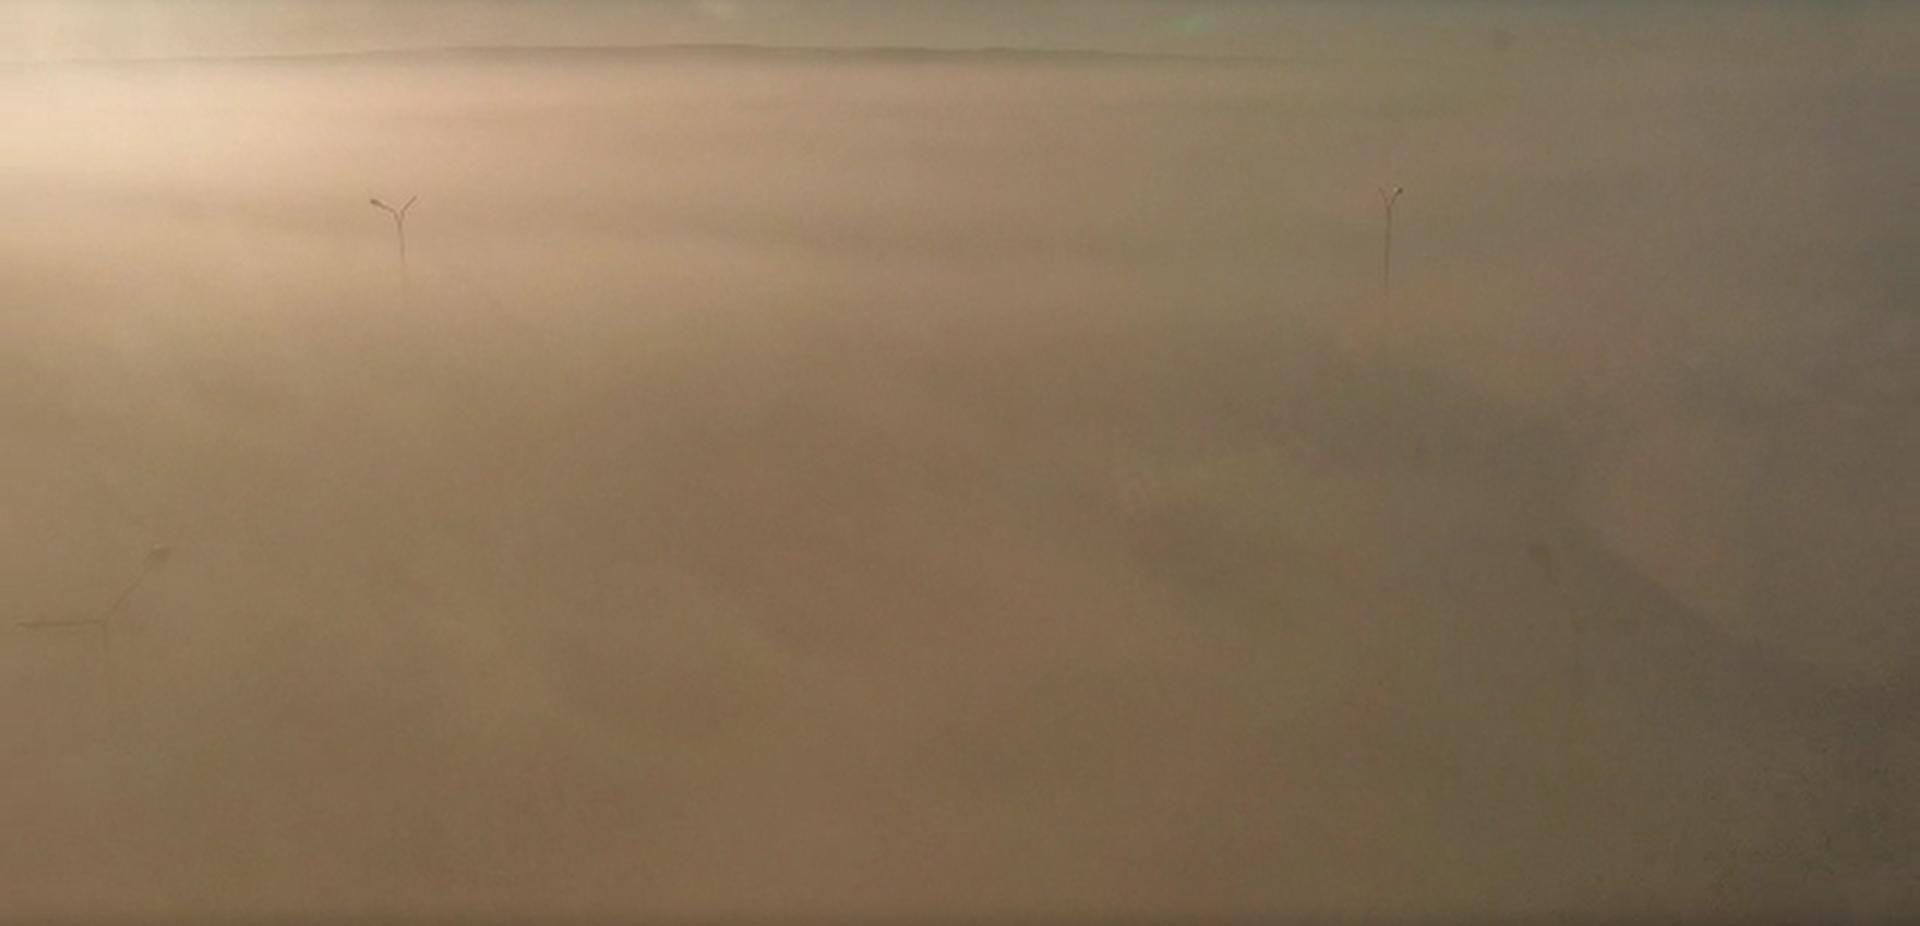 Екатеринбург утром накрыло плотным смогом